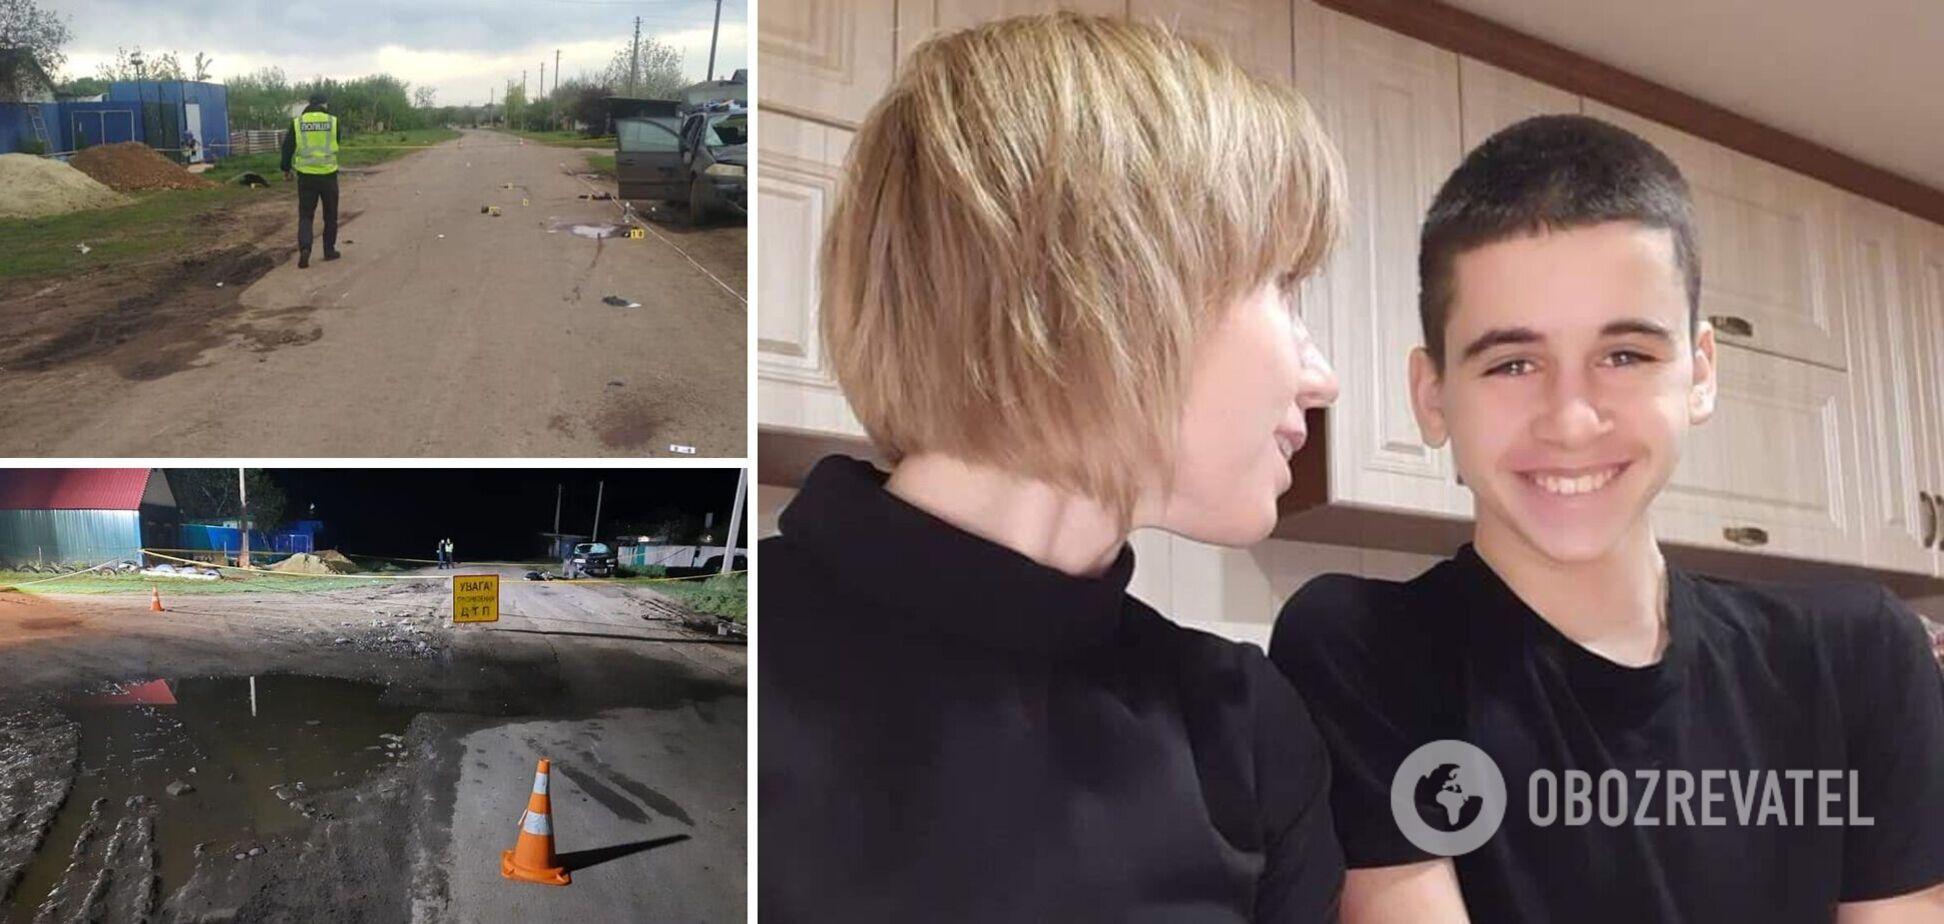 Влетів у чотирьох дітей, був дуже п'яний: нові подробиці смертельної ДТП на Луганщині